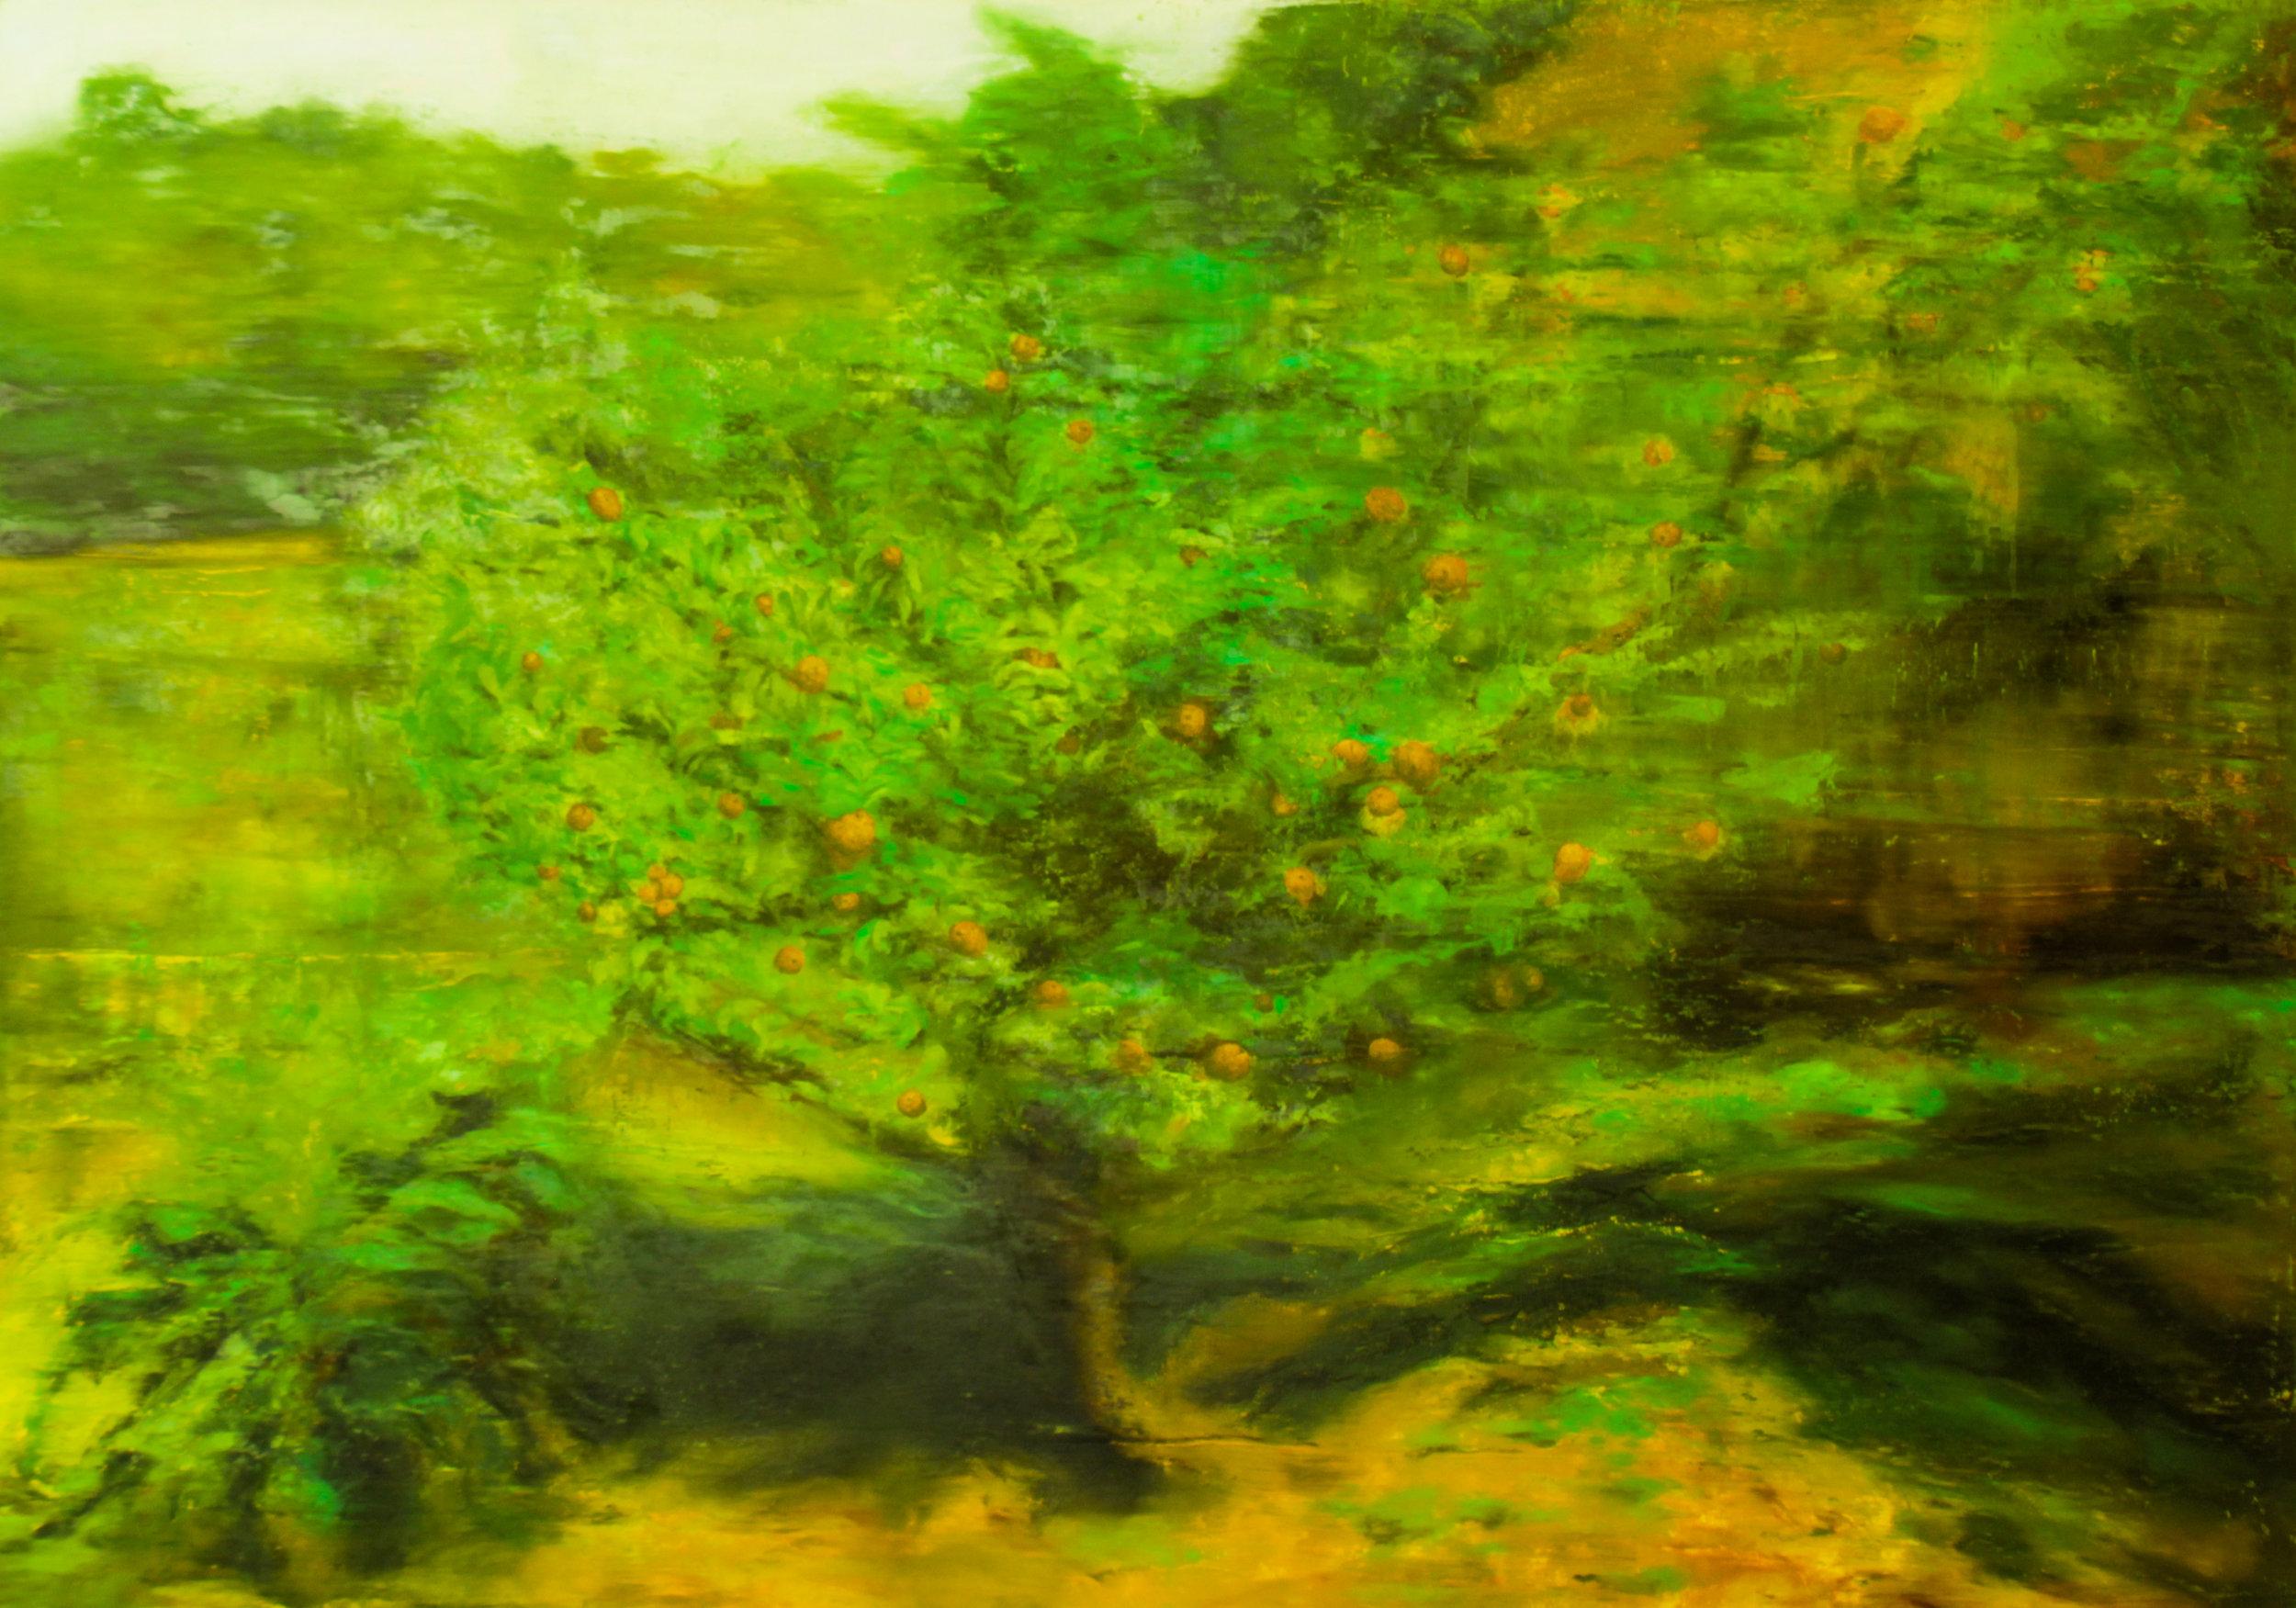 Lemon Tree in Colombia, Oil on canvas, 55 x 78in.JPG